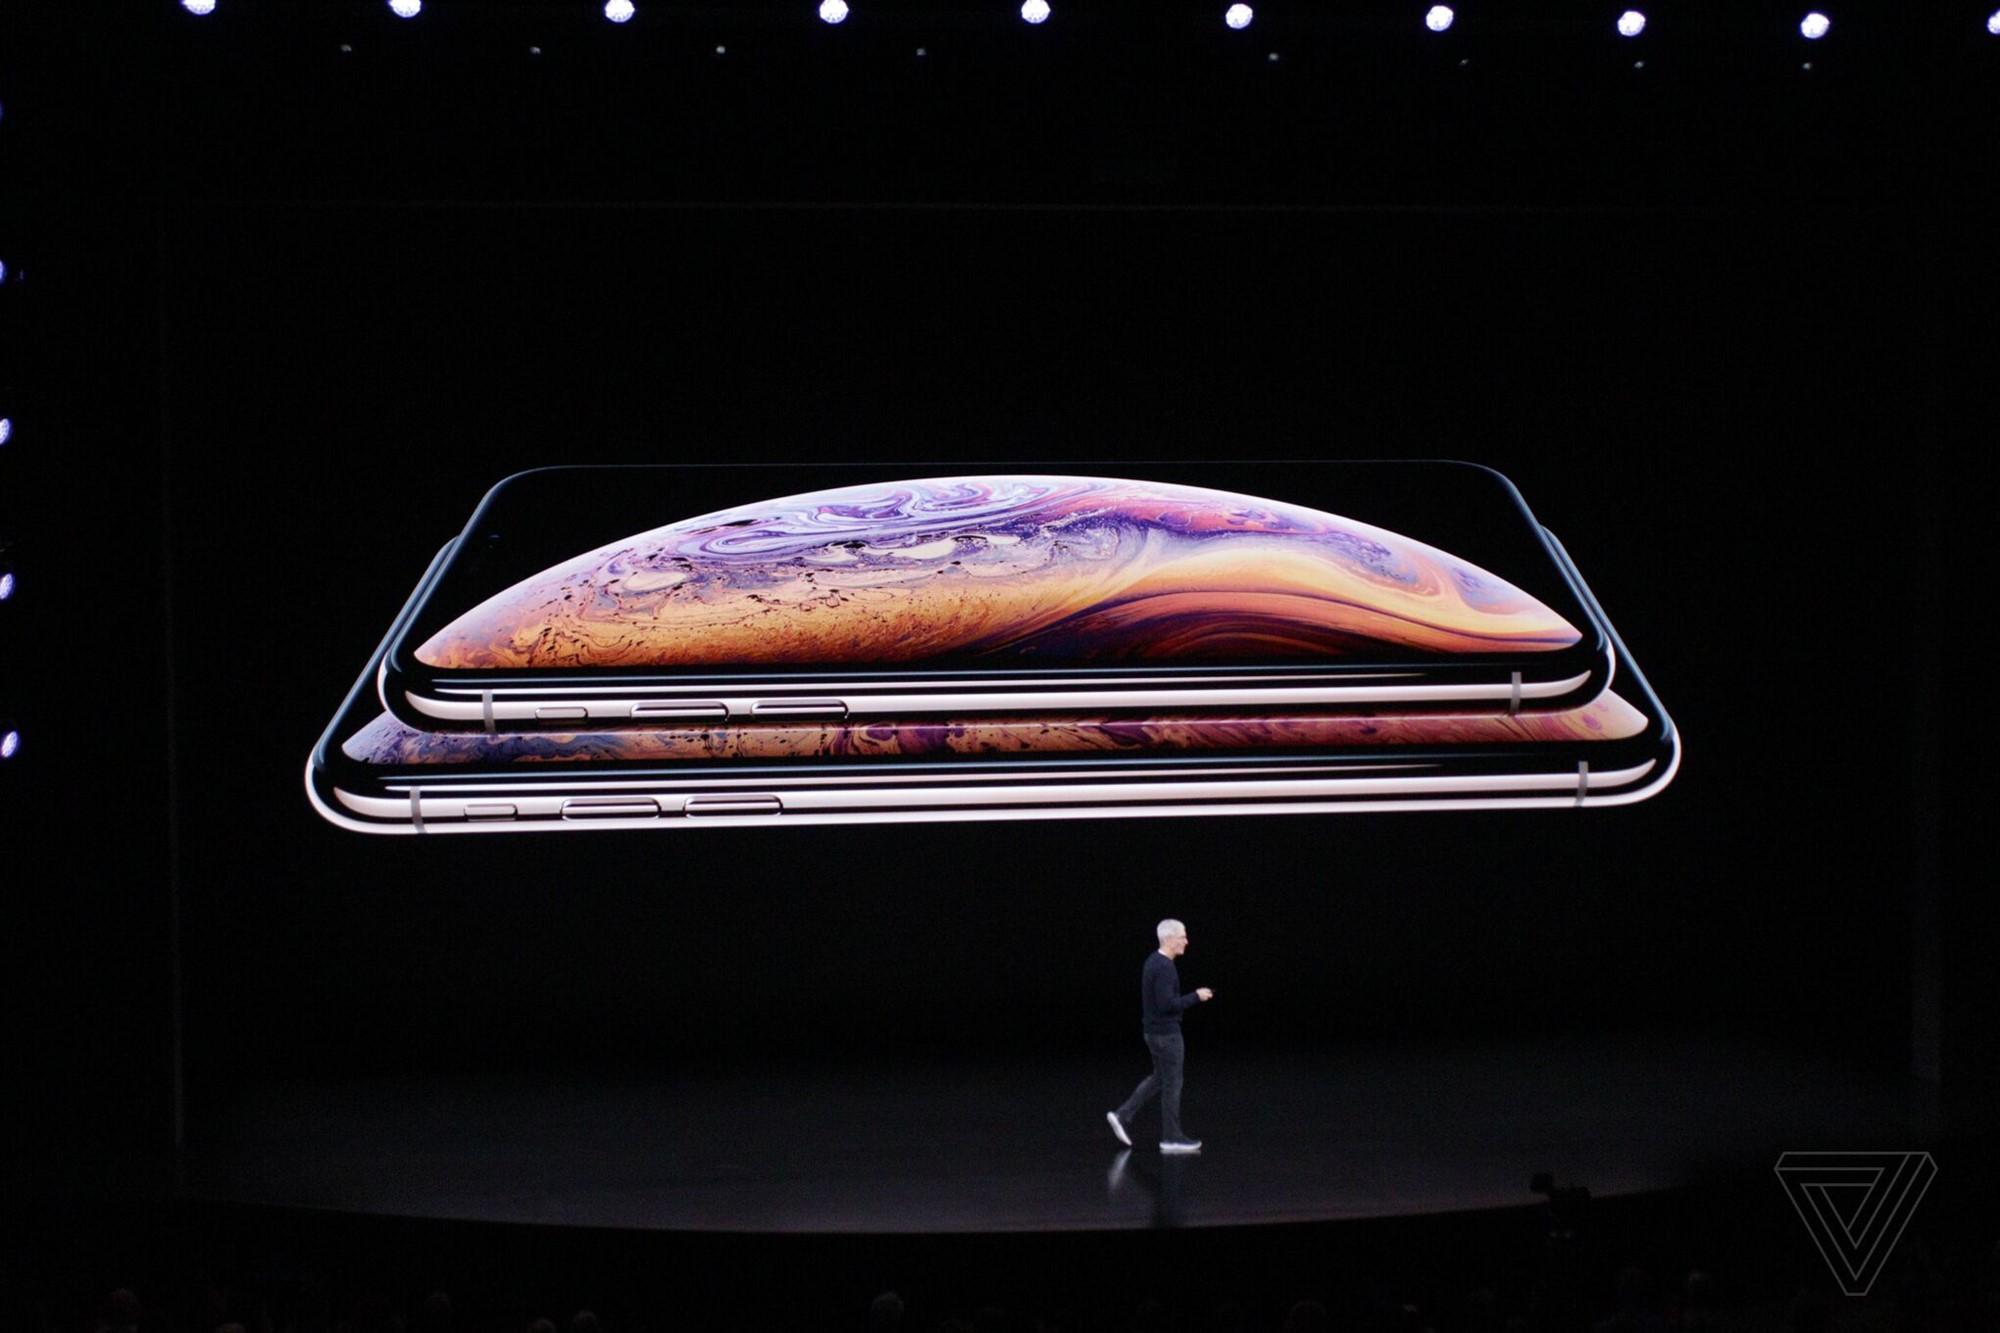 iPhone 11, iPhone Pro, iPhone Pro Max PRET, SPECIFICATII, LANSARE